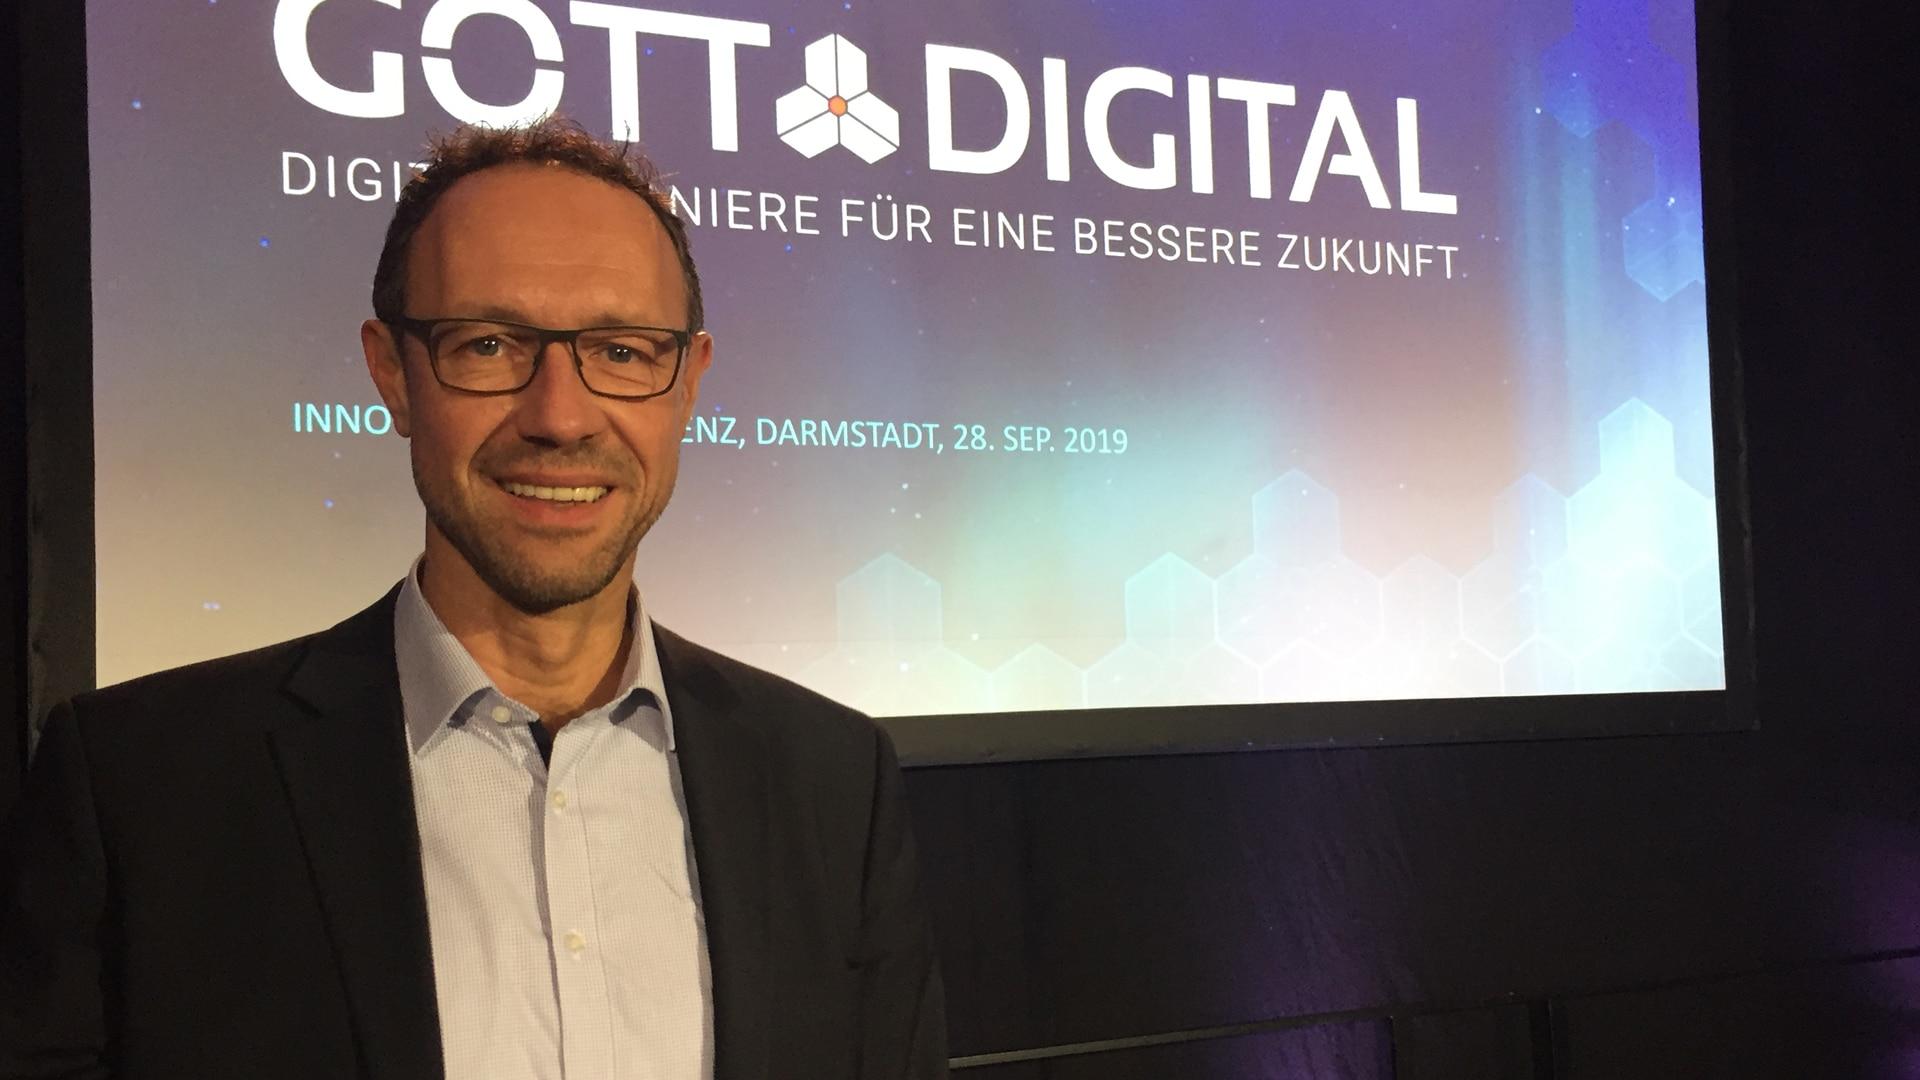 Digitalisierung ist nach Ansicht von Joachim Stängle mehr als nur Technik